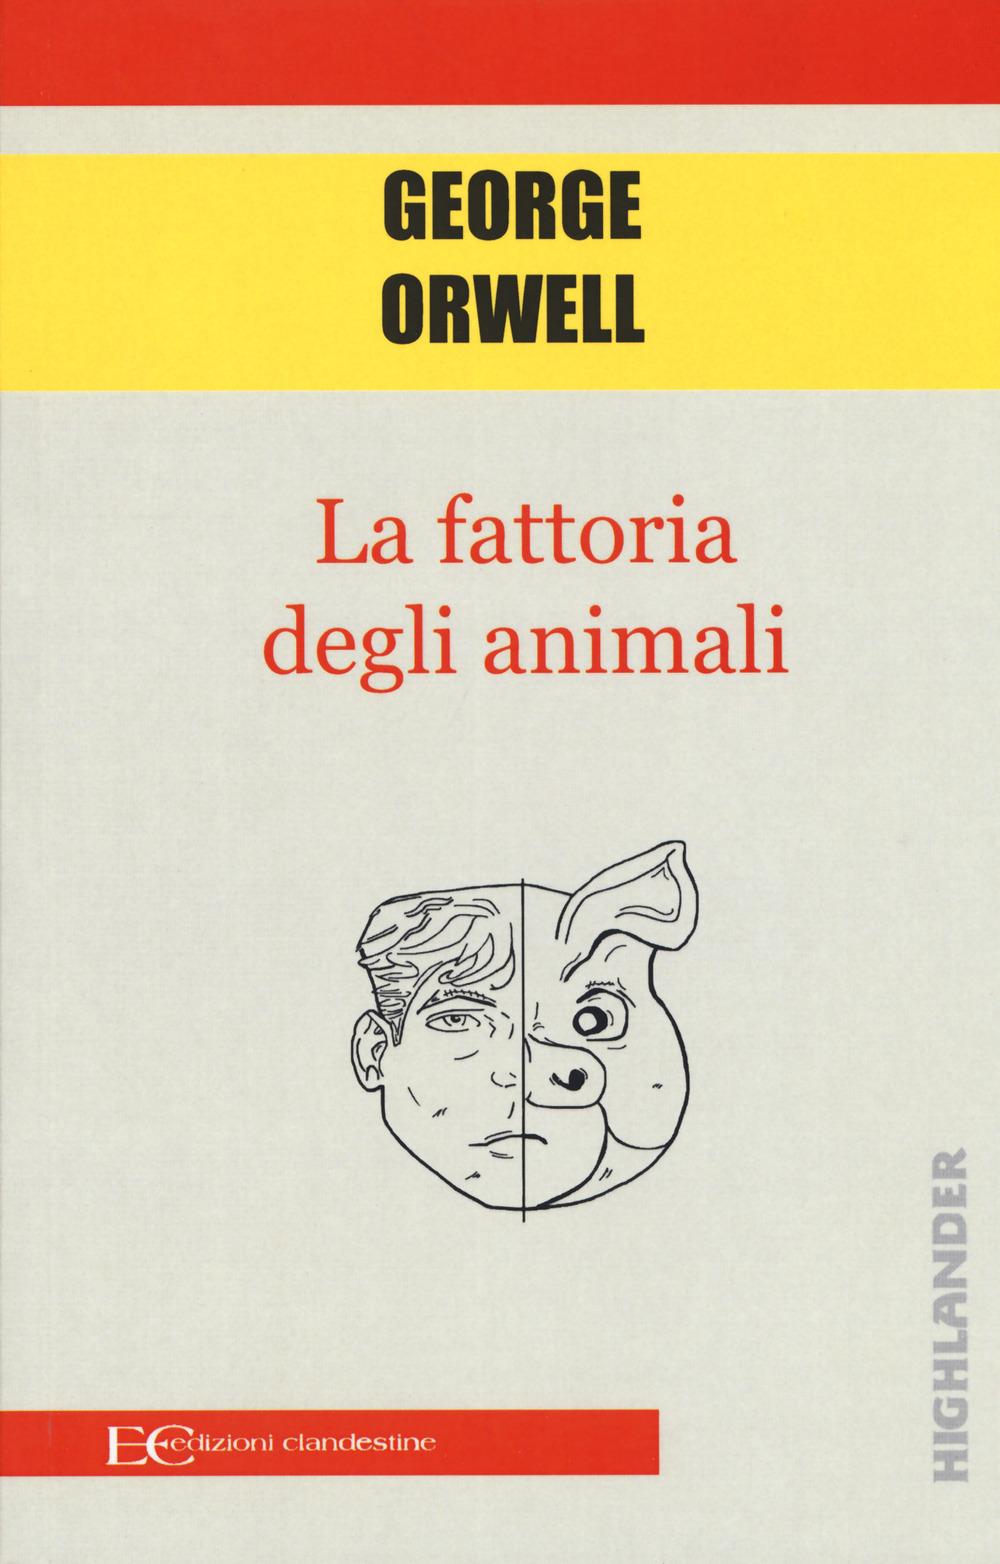 FATTORIA DEGLI ANIMALI (LA) - Orwell George - 9788865969021